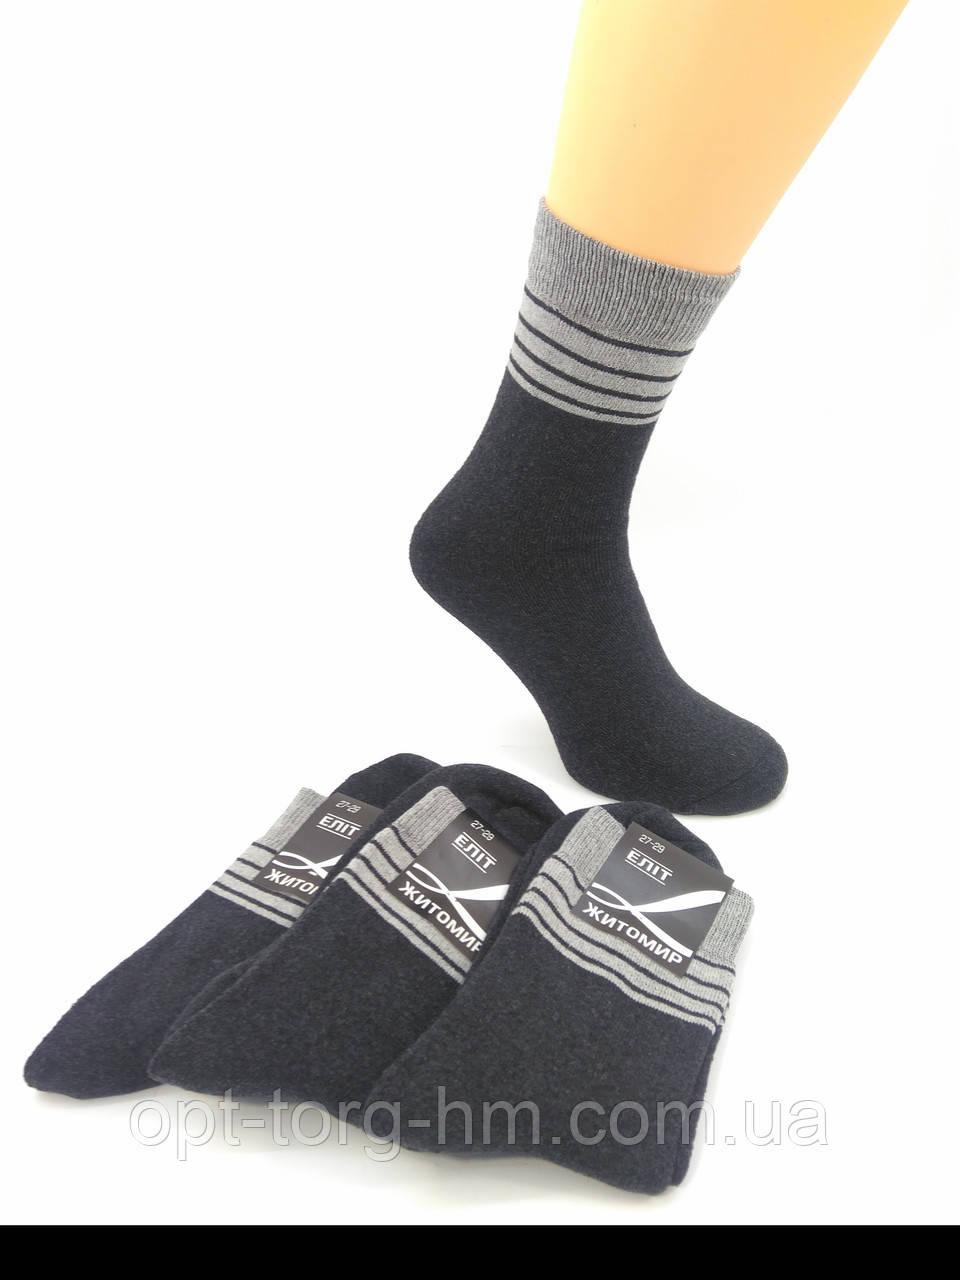 Махровые мужские носки серые со вставкой 27-29 (41-44 ОБУВЬ)